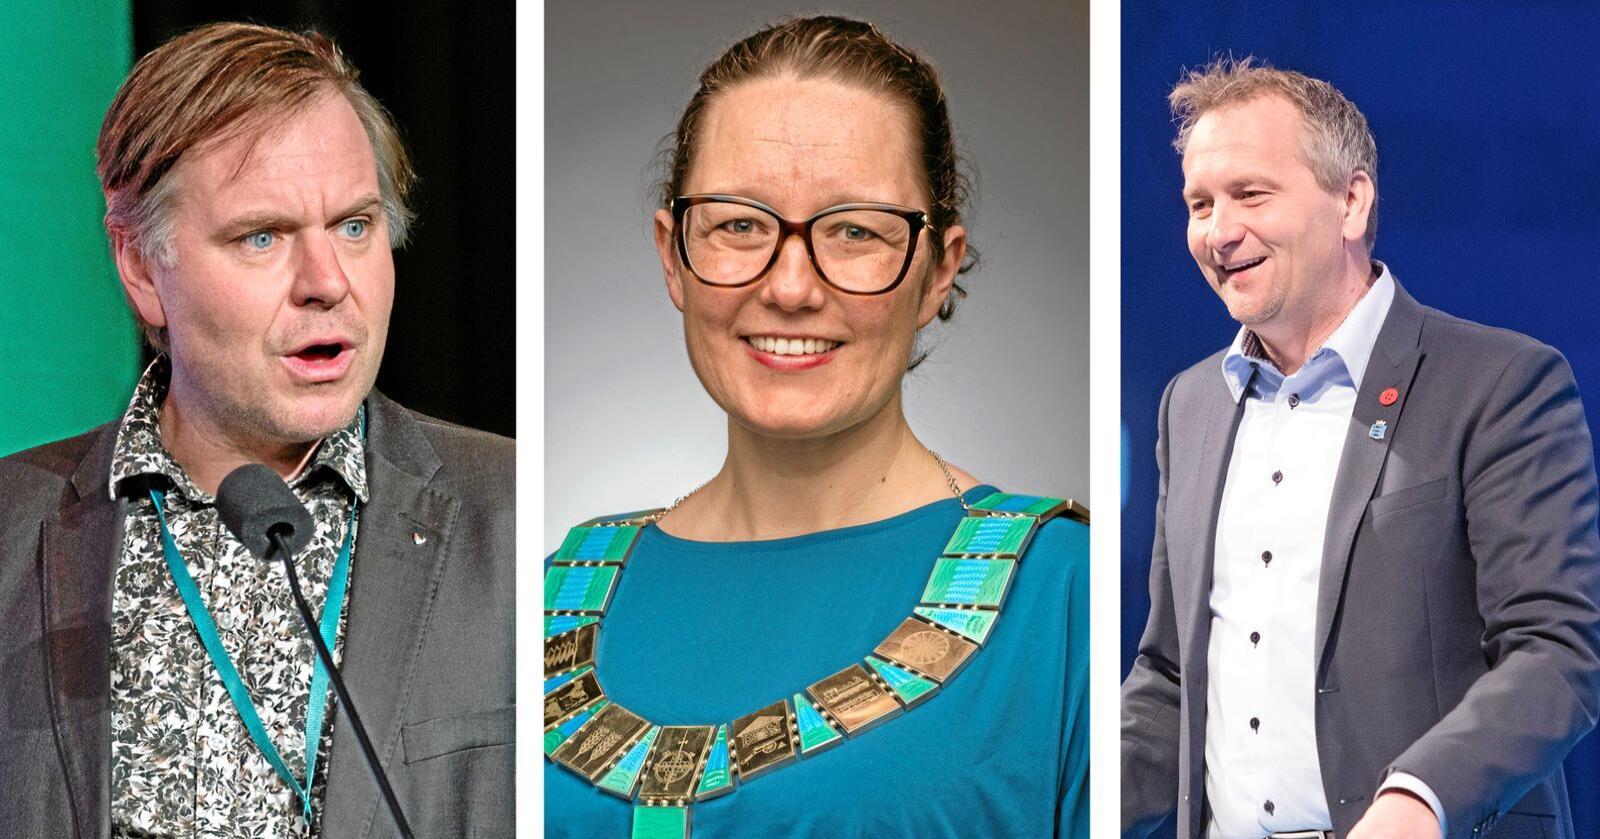 Eid-ordfører Alfred Bjørlo (V), Sørum-ordfører Marianne Grimstad Hansen (H) og Mandal-ordfører Alf Erik Andersen (Frp). Foto: NTB Scanpix / Sørum kommune